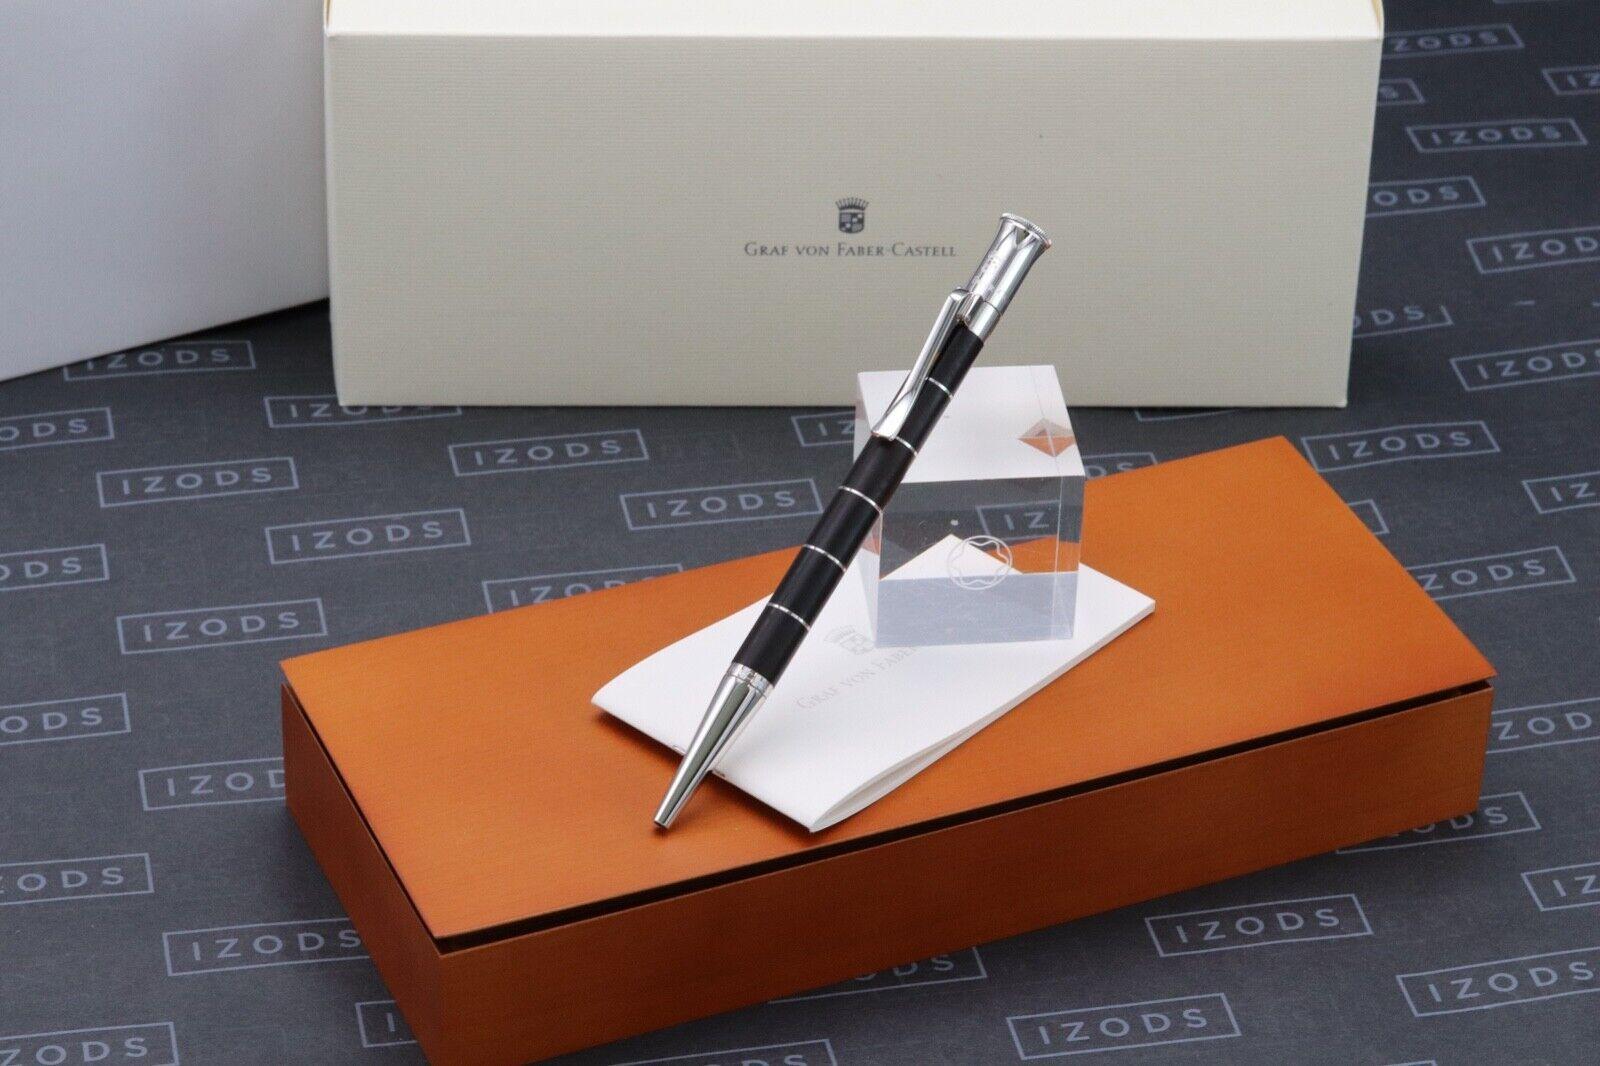 Graf von Faber Castell Classic Anello Ebony Ballpoint Pen